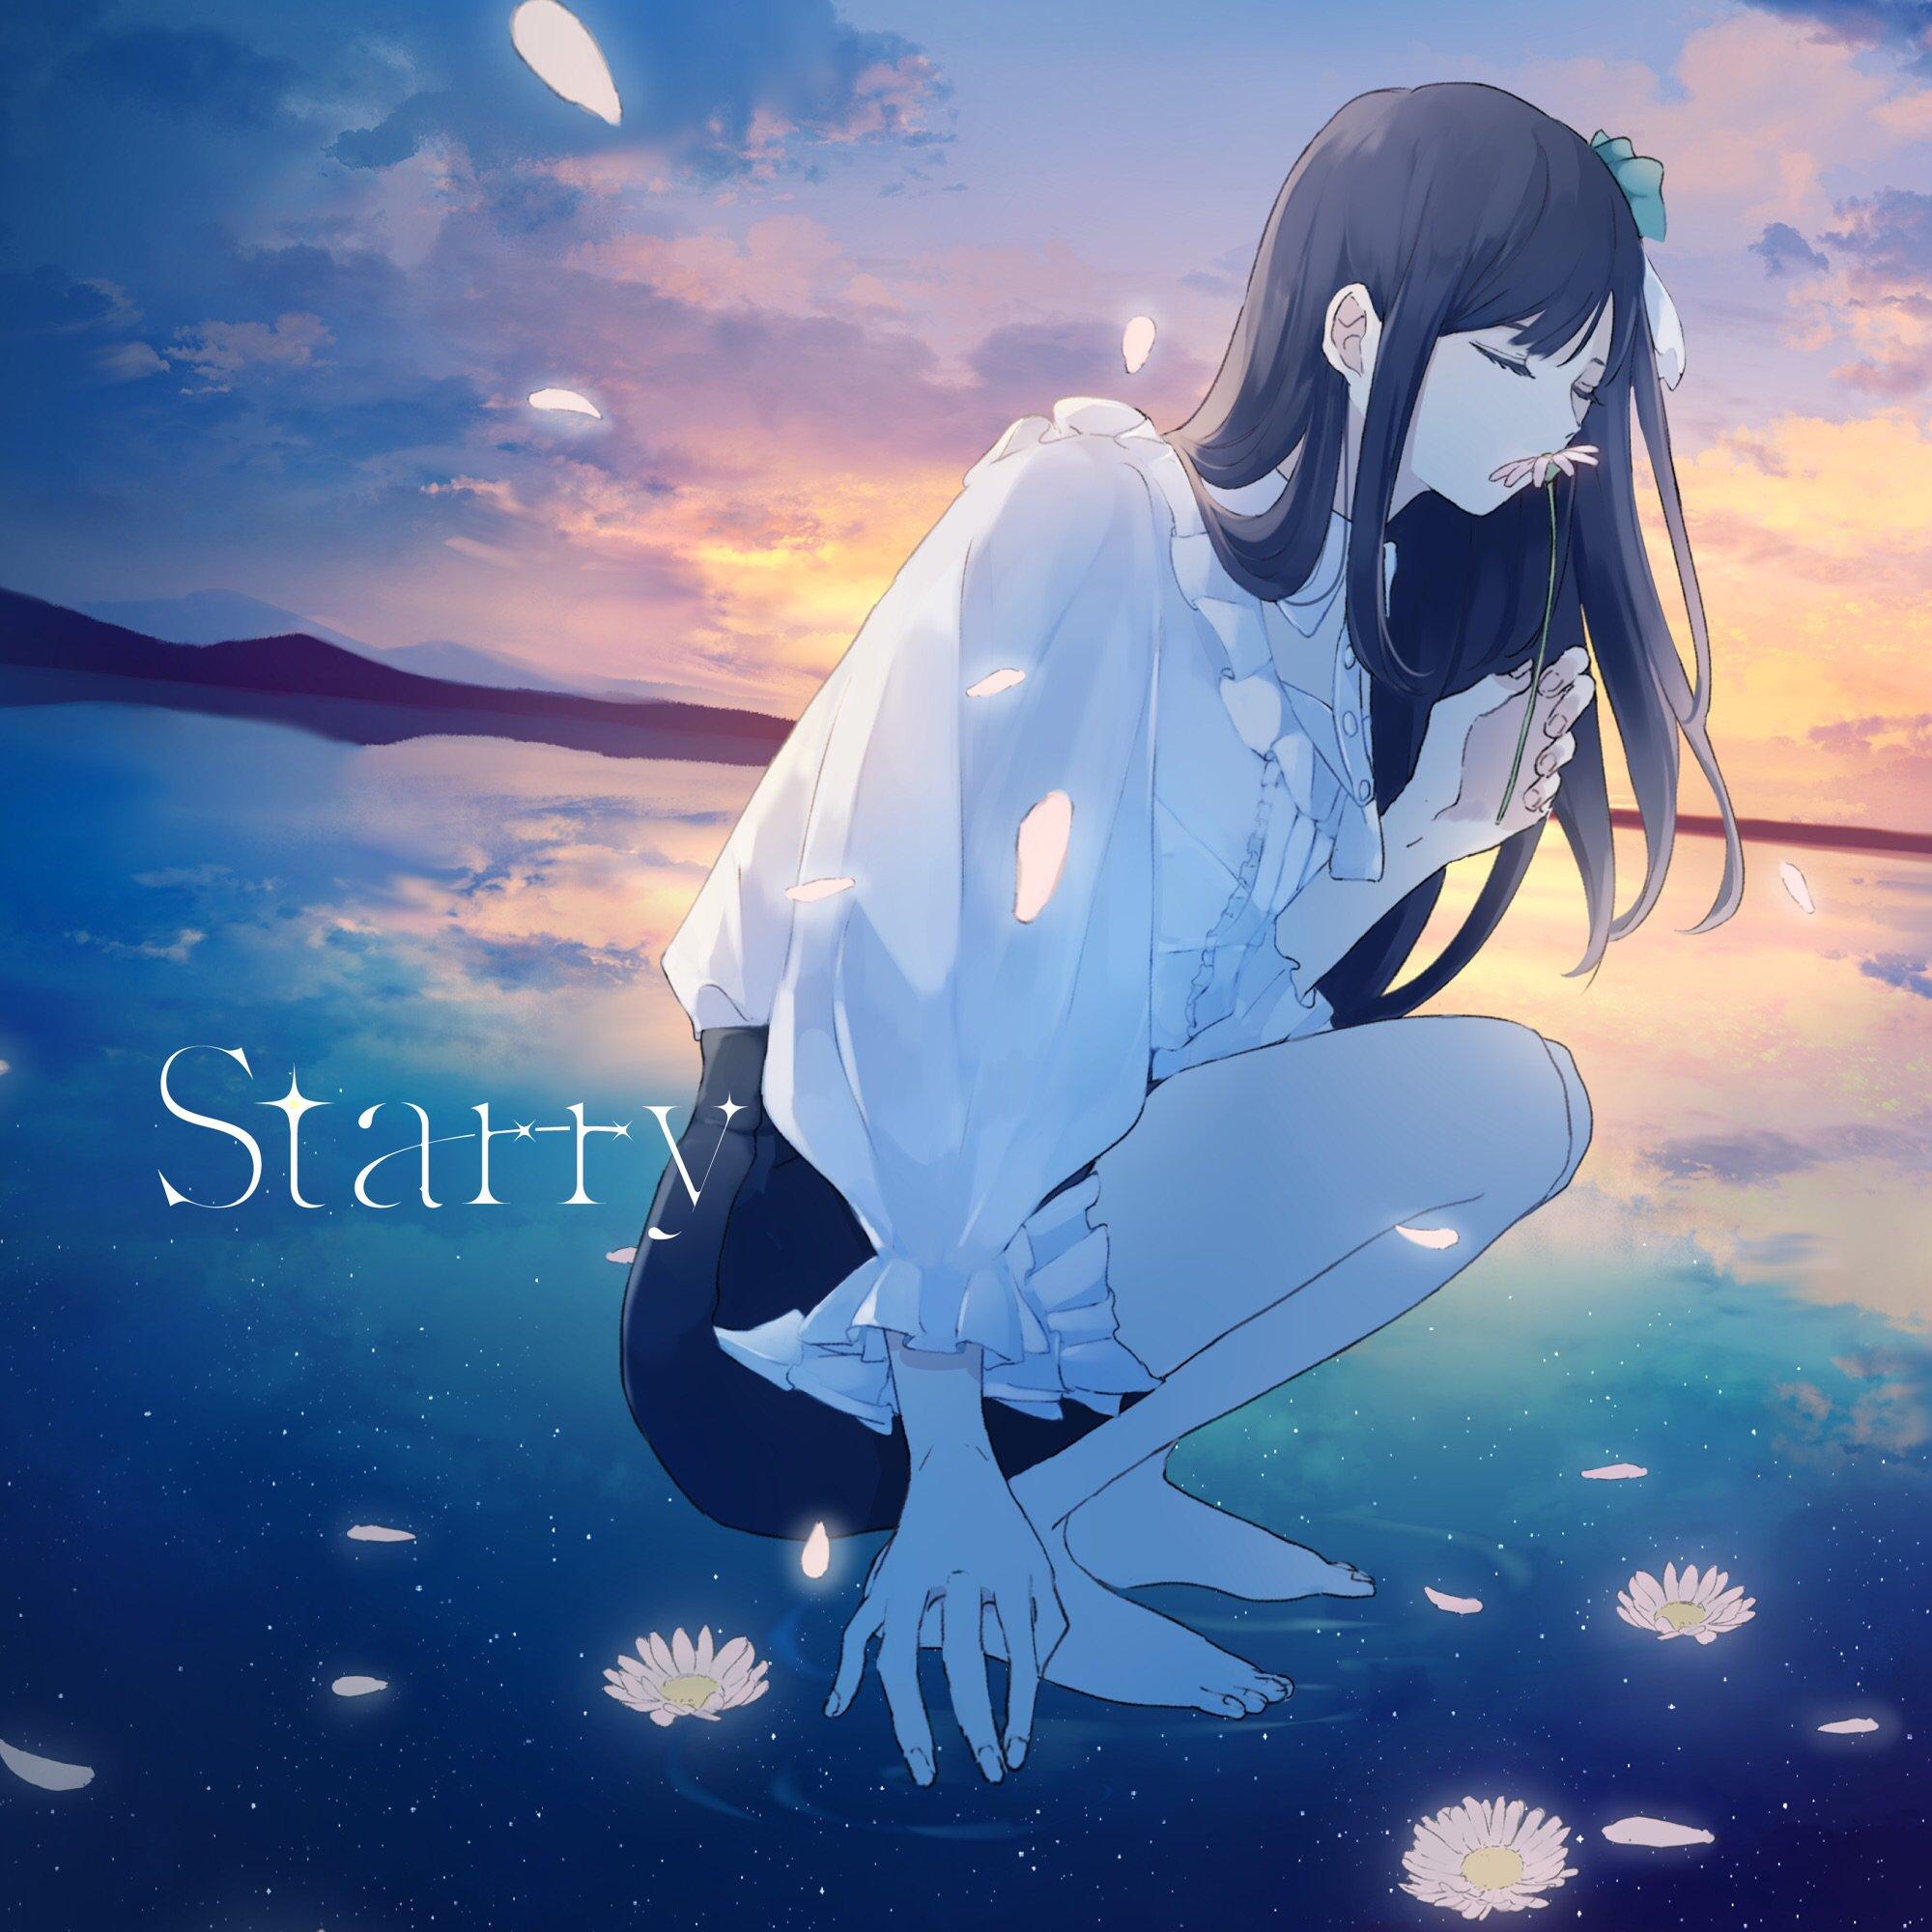 花鋏キョウ - Starry [2020.12.02+MP3+RAR]